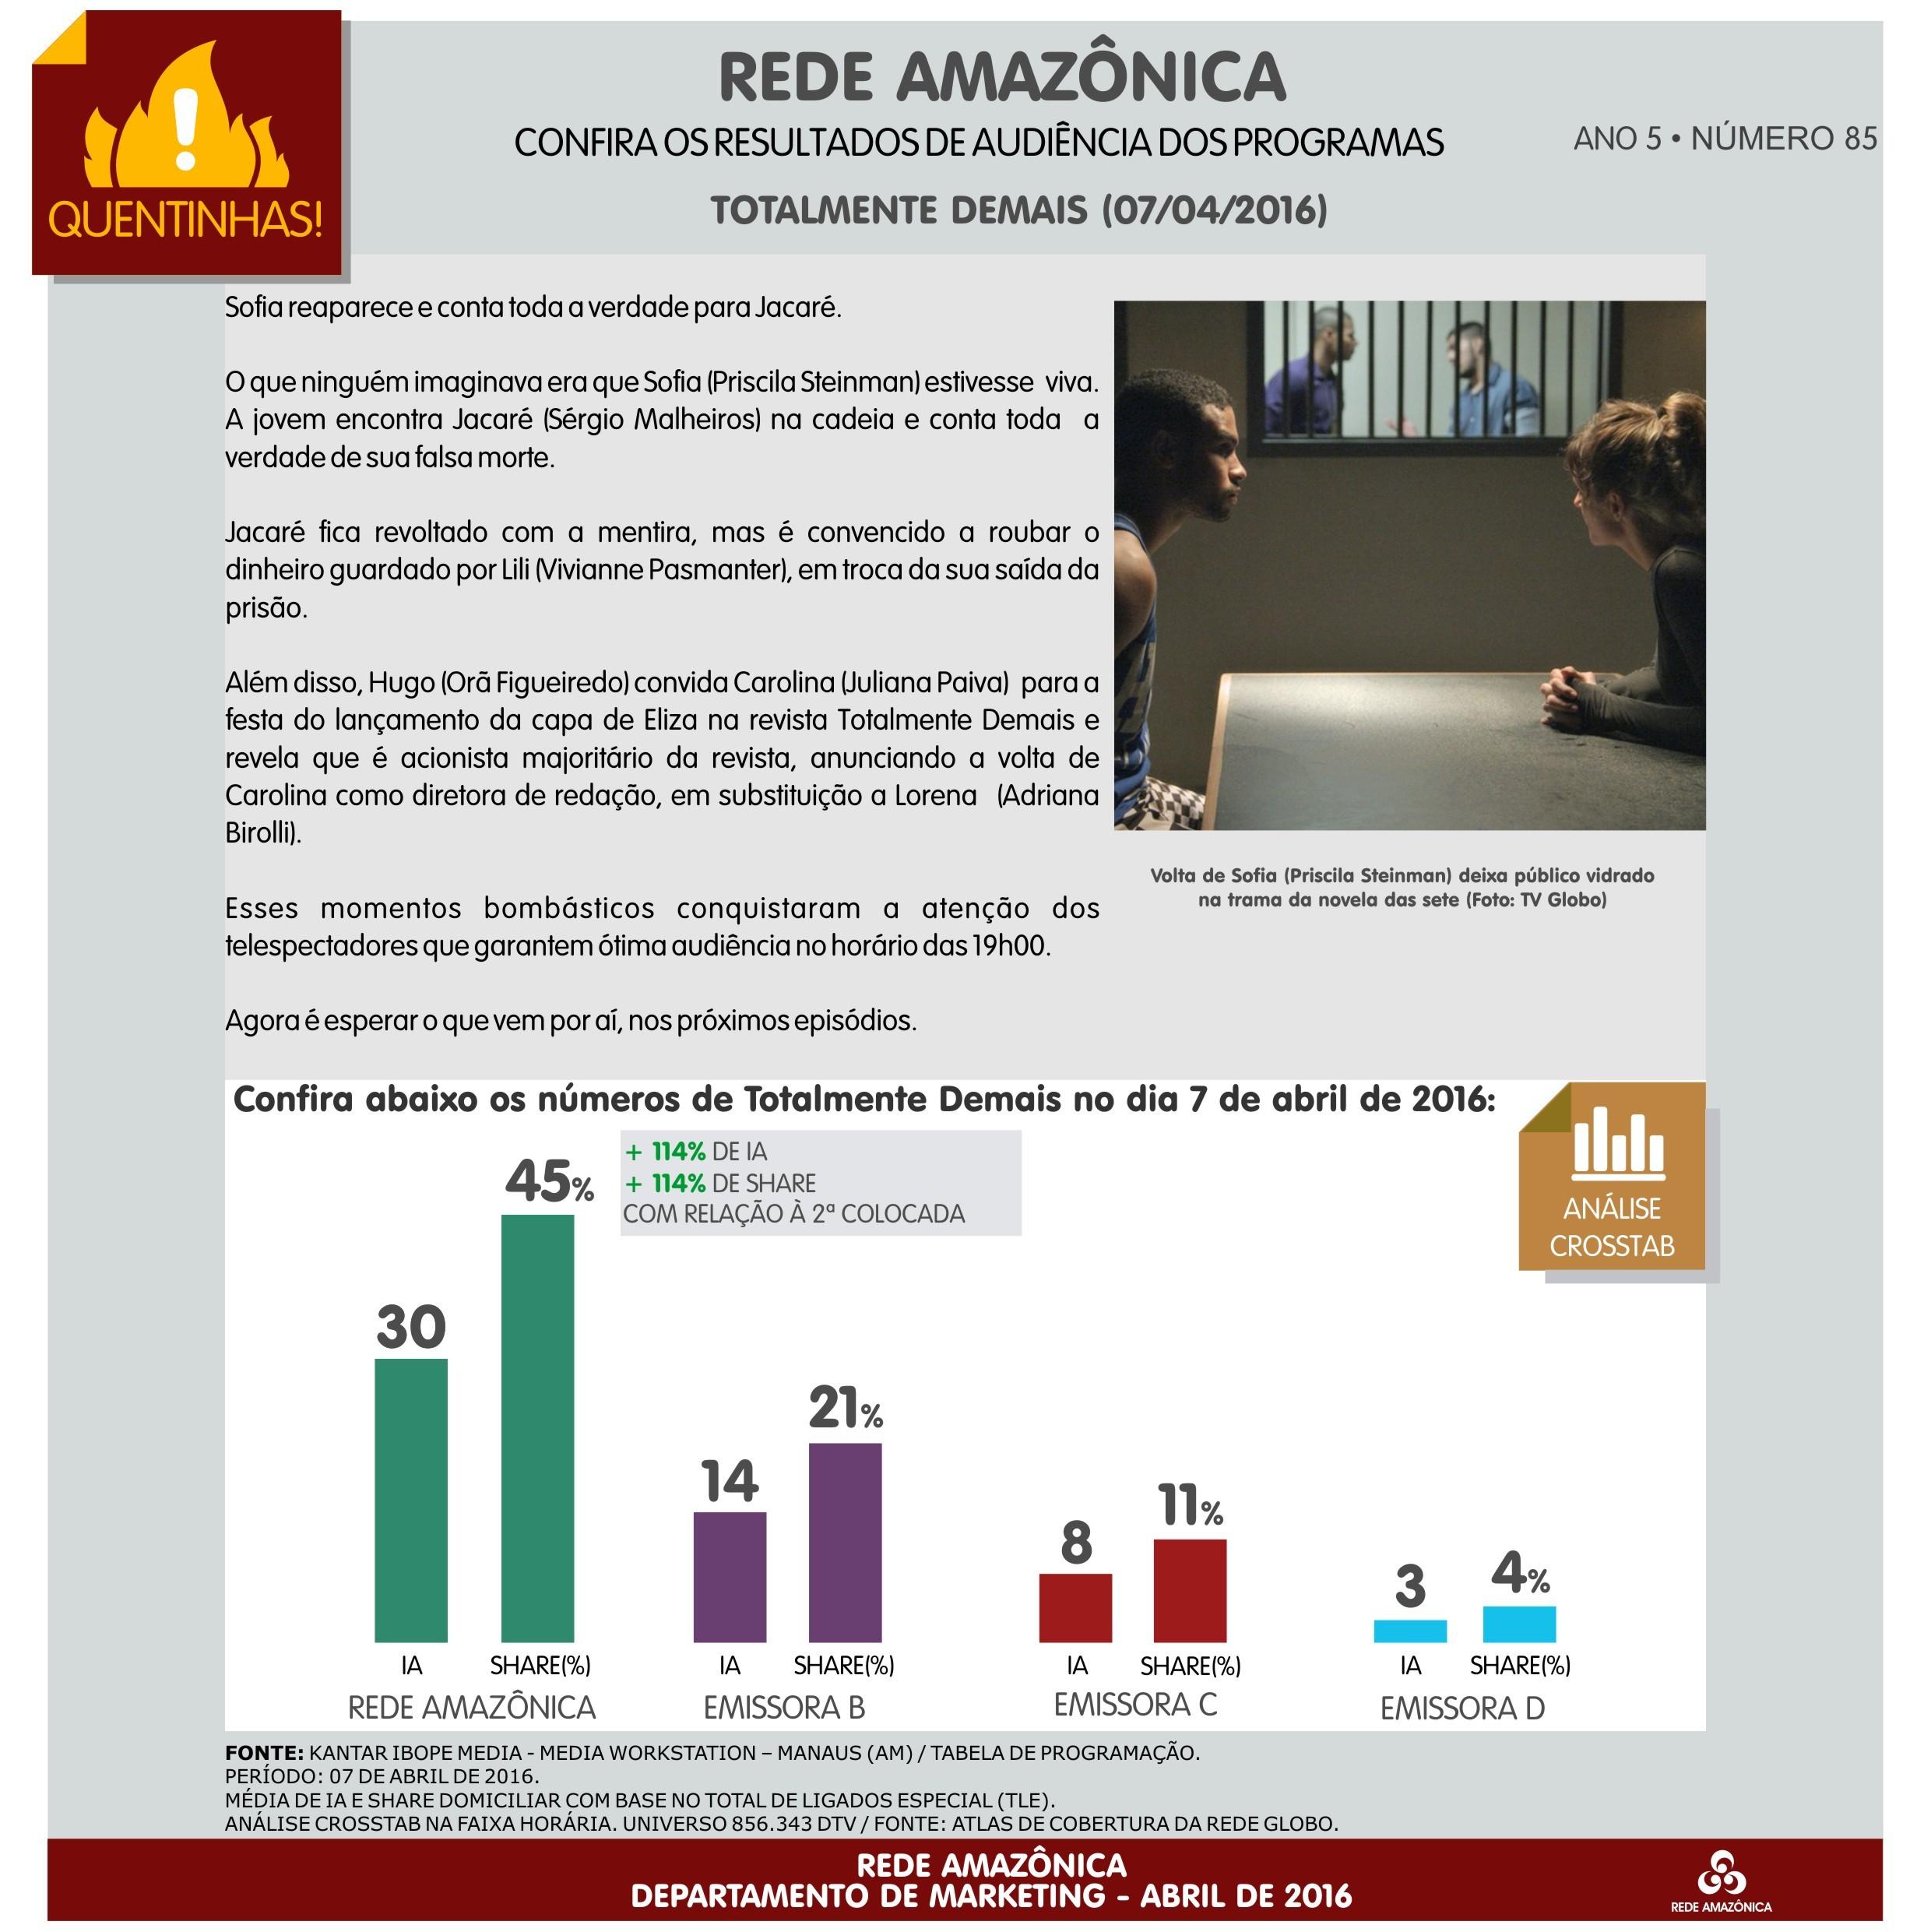 Acompanhe os resultados da trama no dia 07 de abril de 2016 (Foto: Marketing/Rede Amazônica)